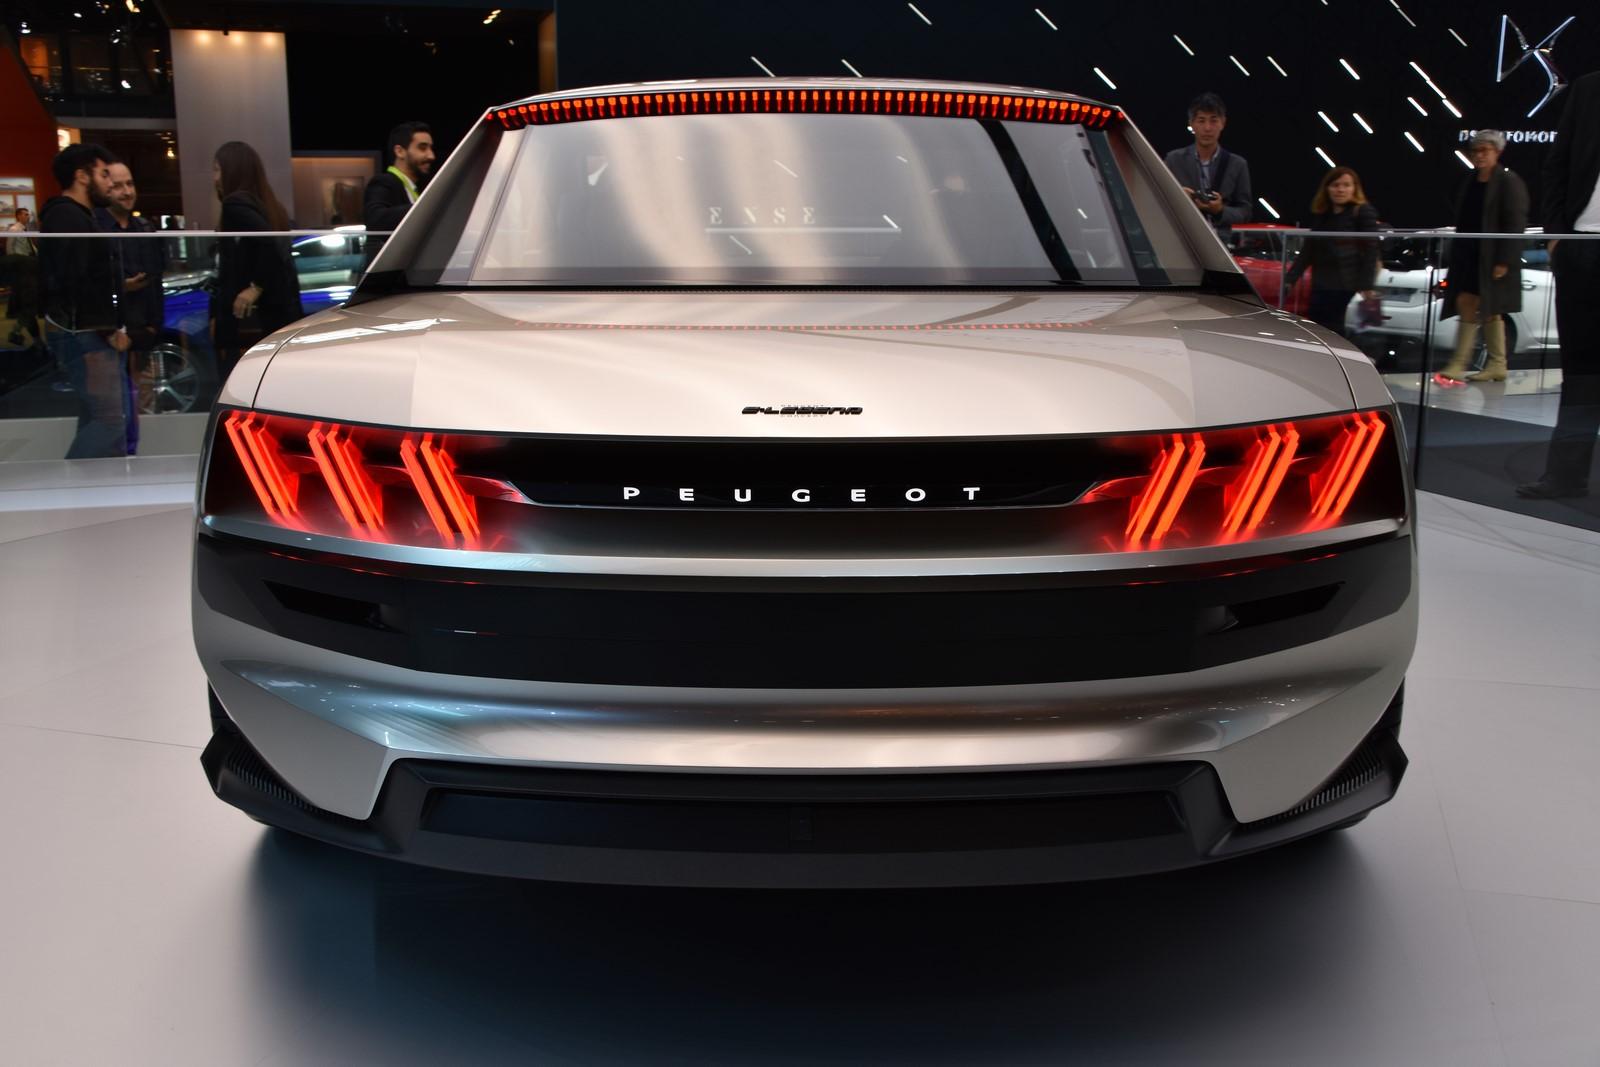 Mondial Paris 2018 Peugeot e legend Concept 24